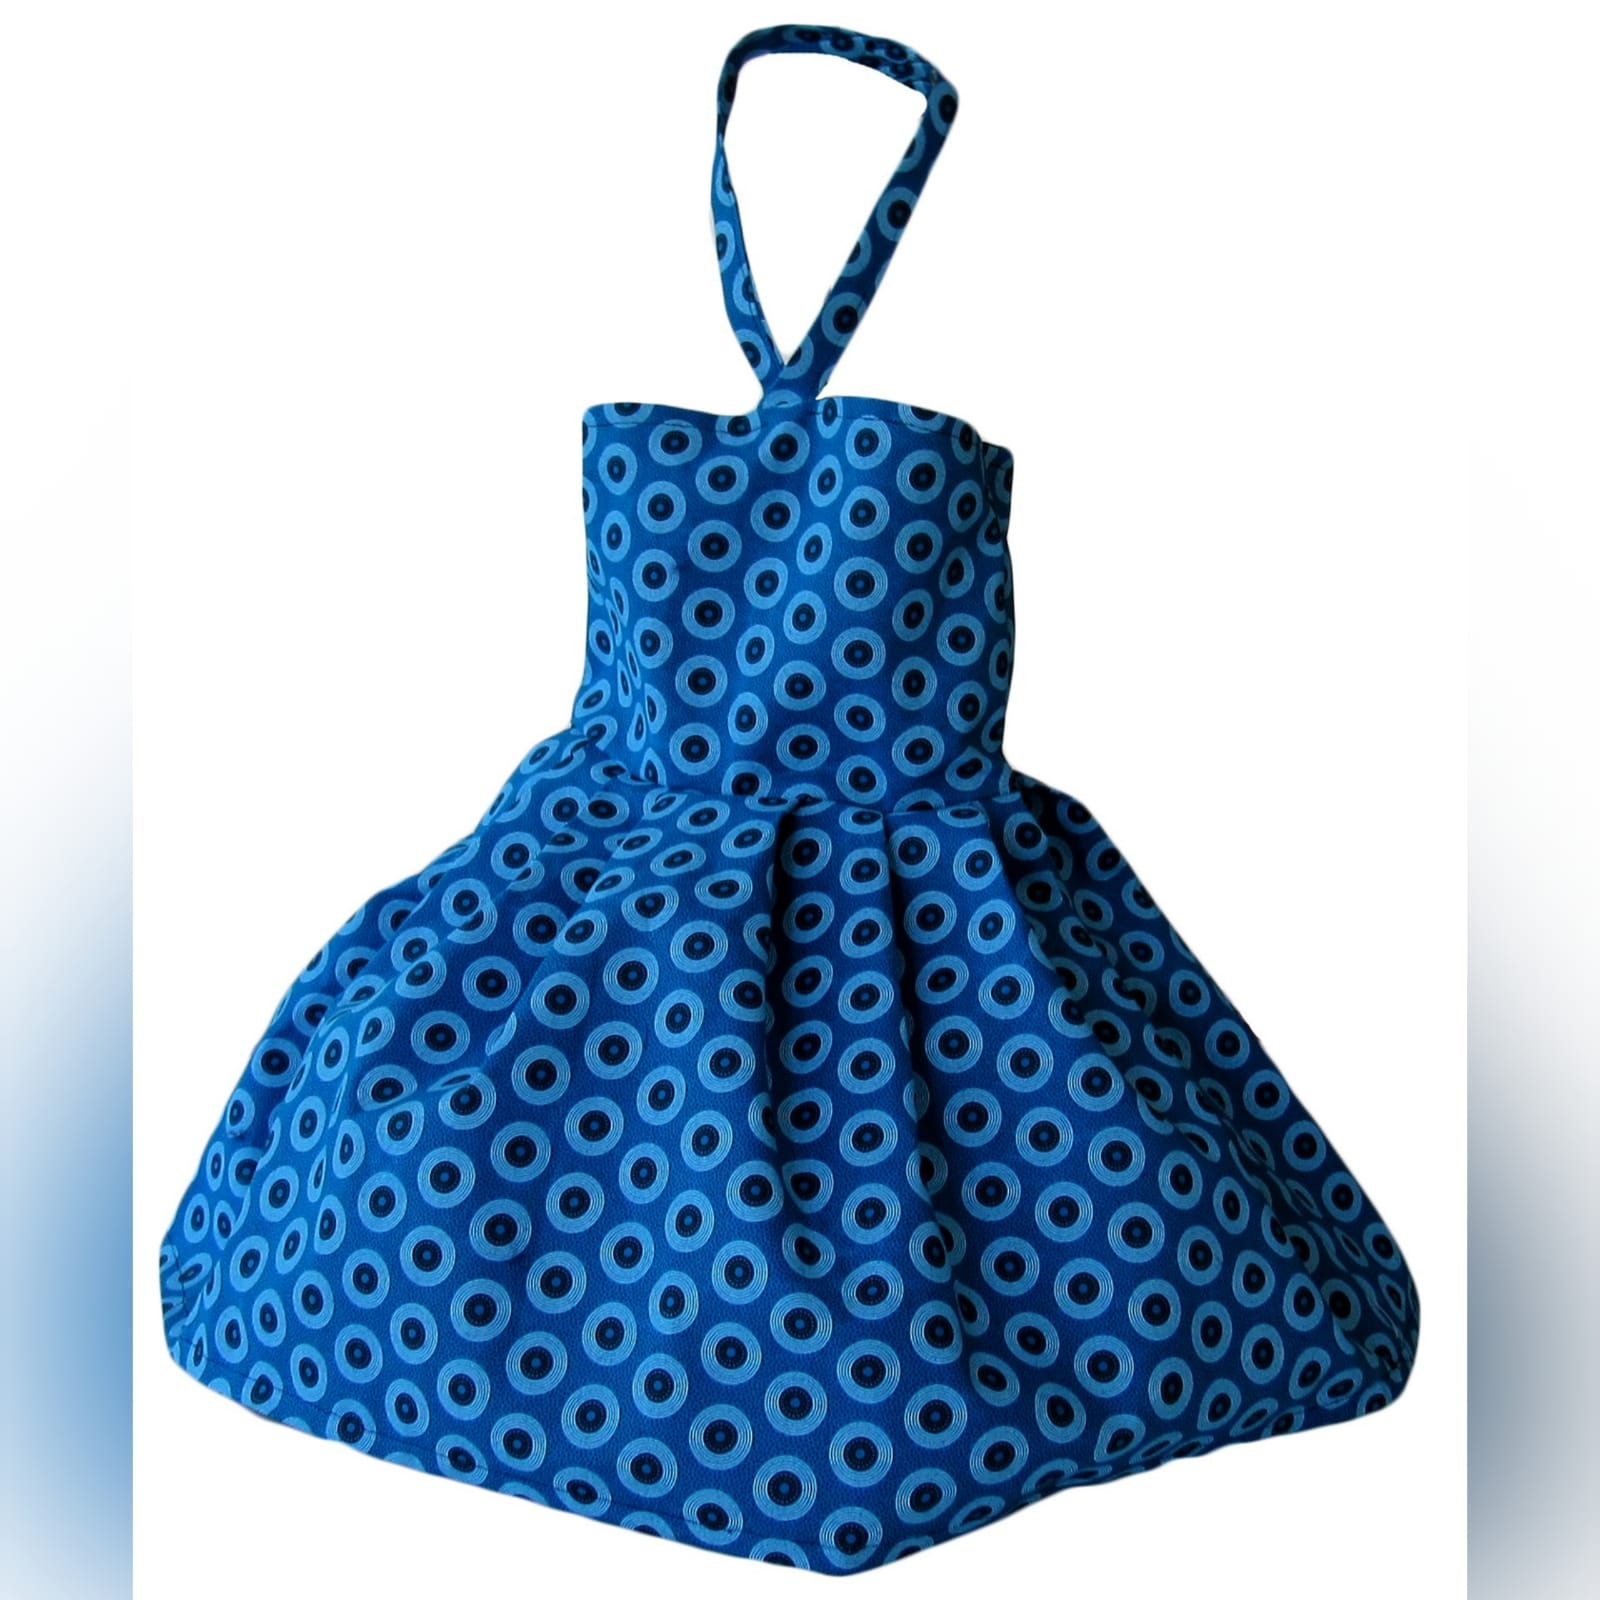 Vestido azul africano tradicional moderno e familia 5 vestido moderno de shweshwe azul, tradicional sul-africano com um design de um ombro, efeito de cinto e um folho. Com vestido de meninas combinando e camisa de homem combinando.